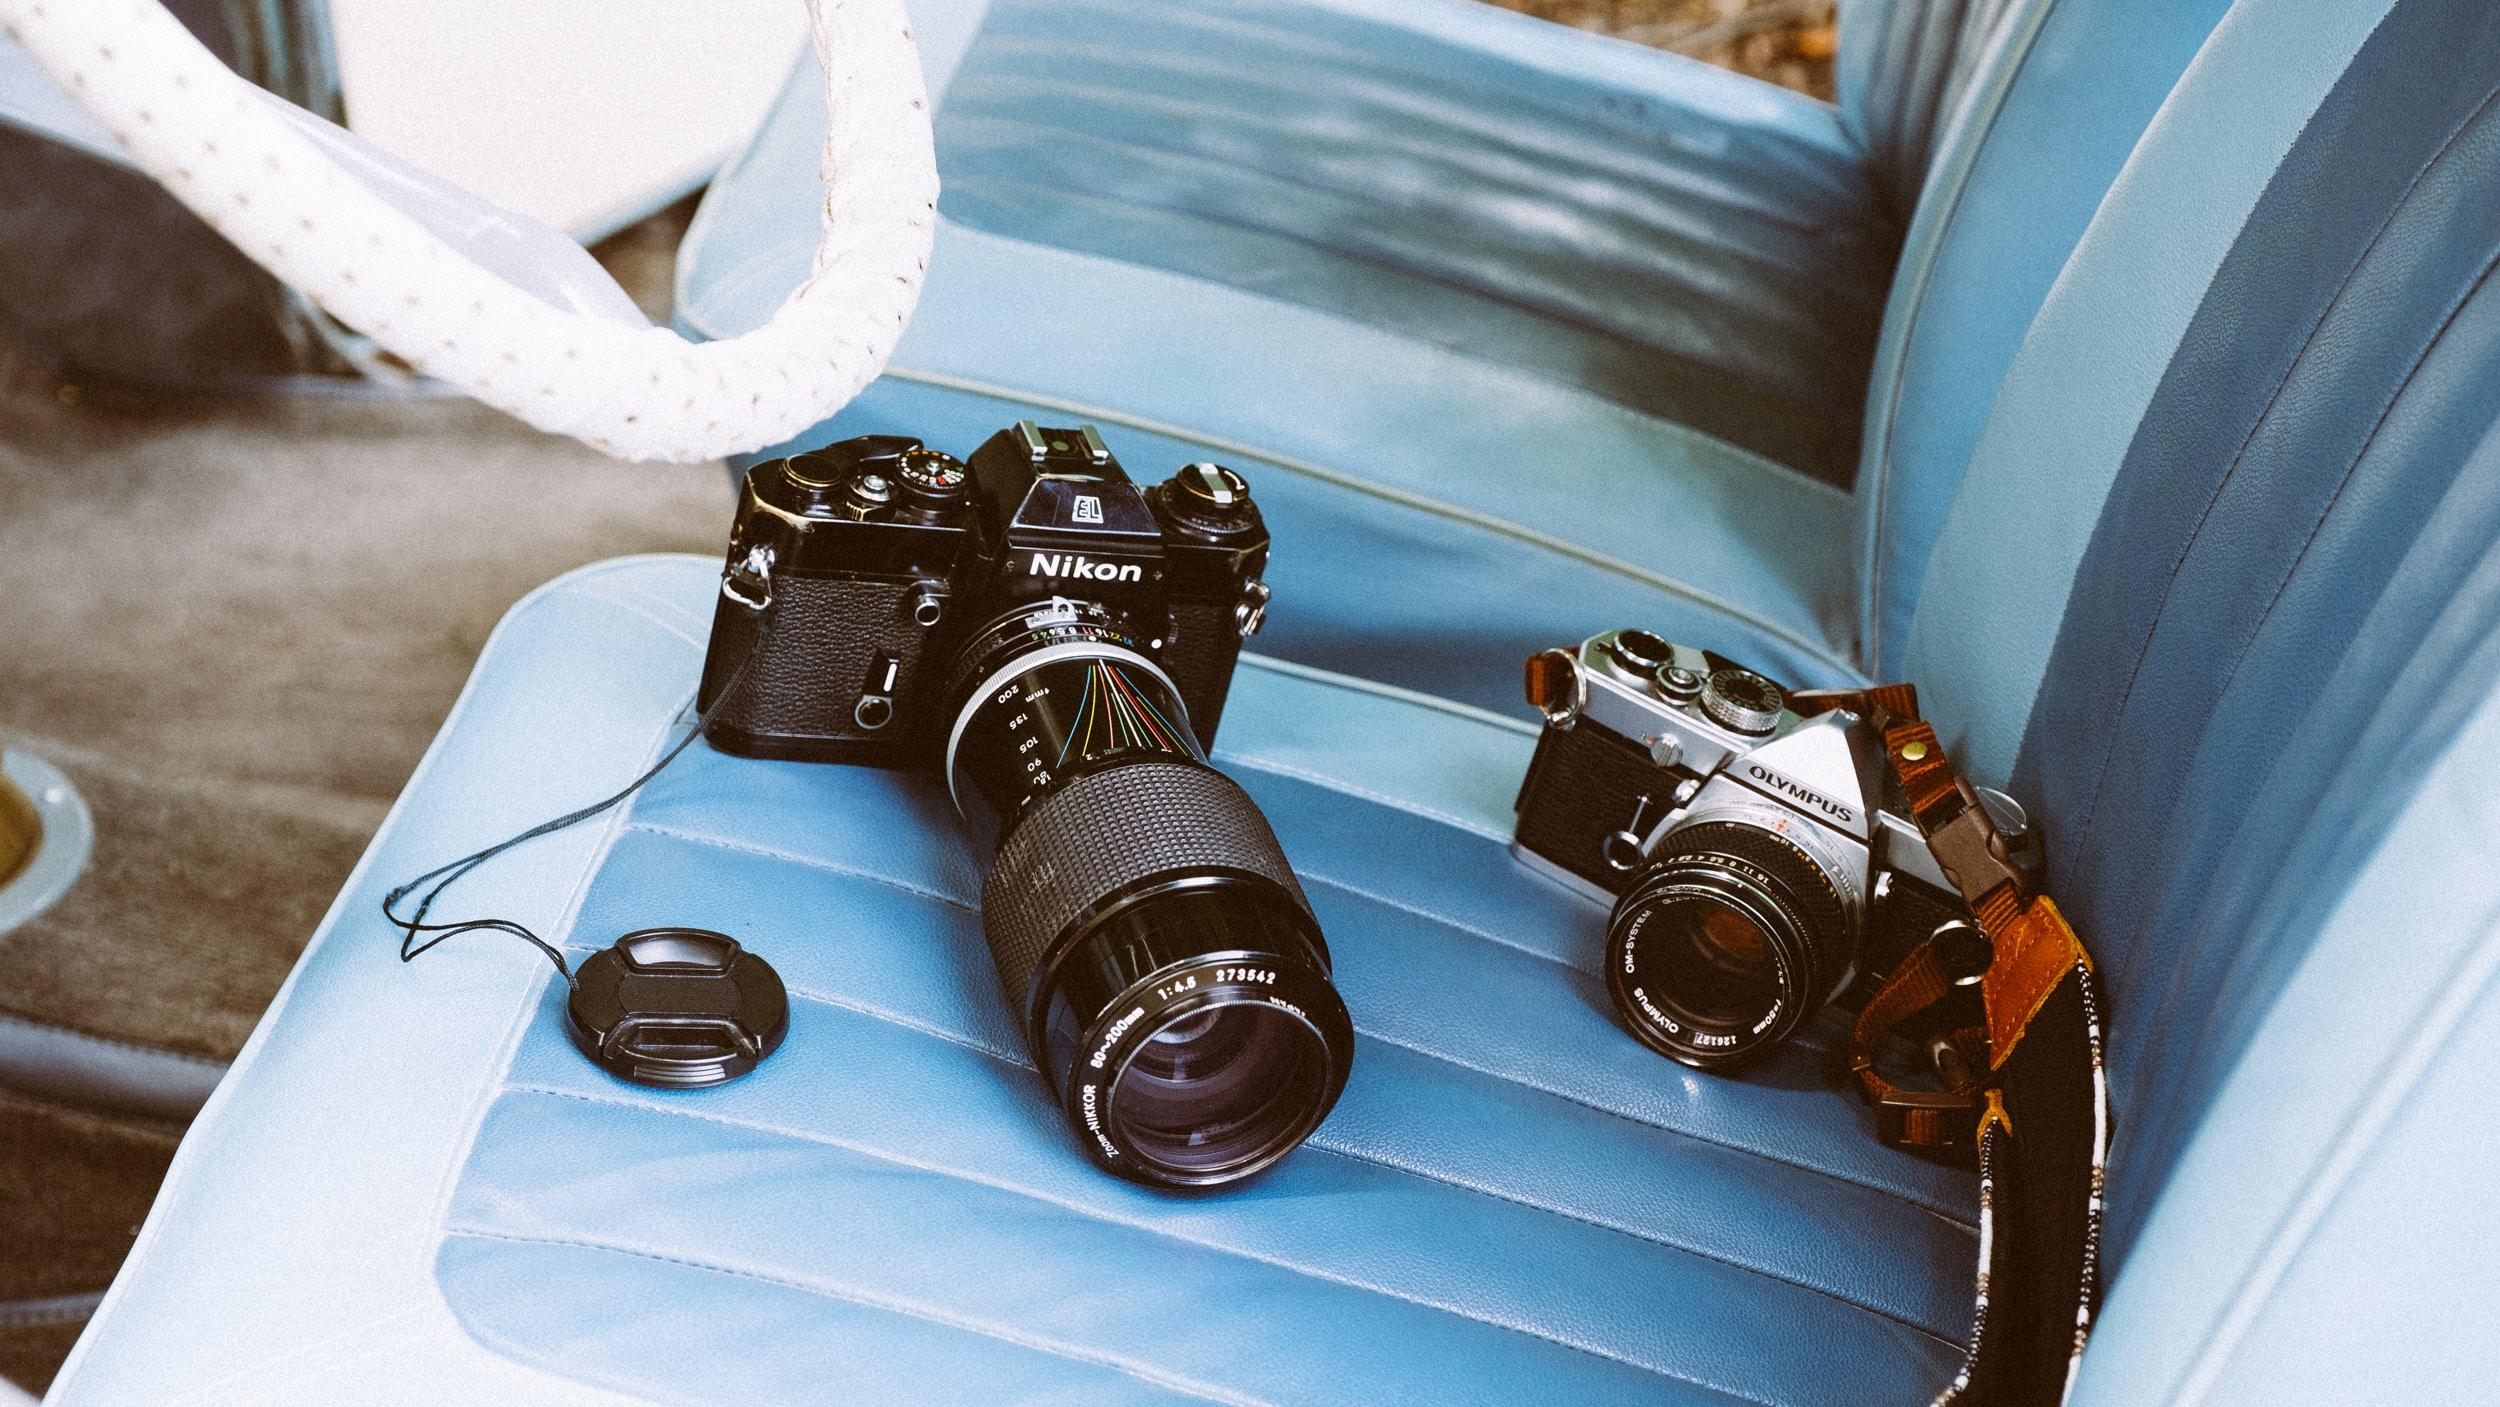 black Nikon DSLR camera on seat